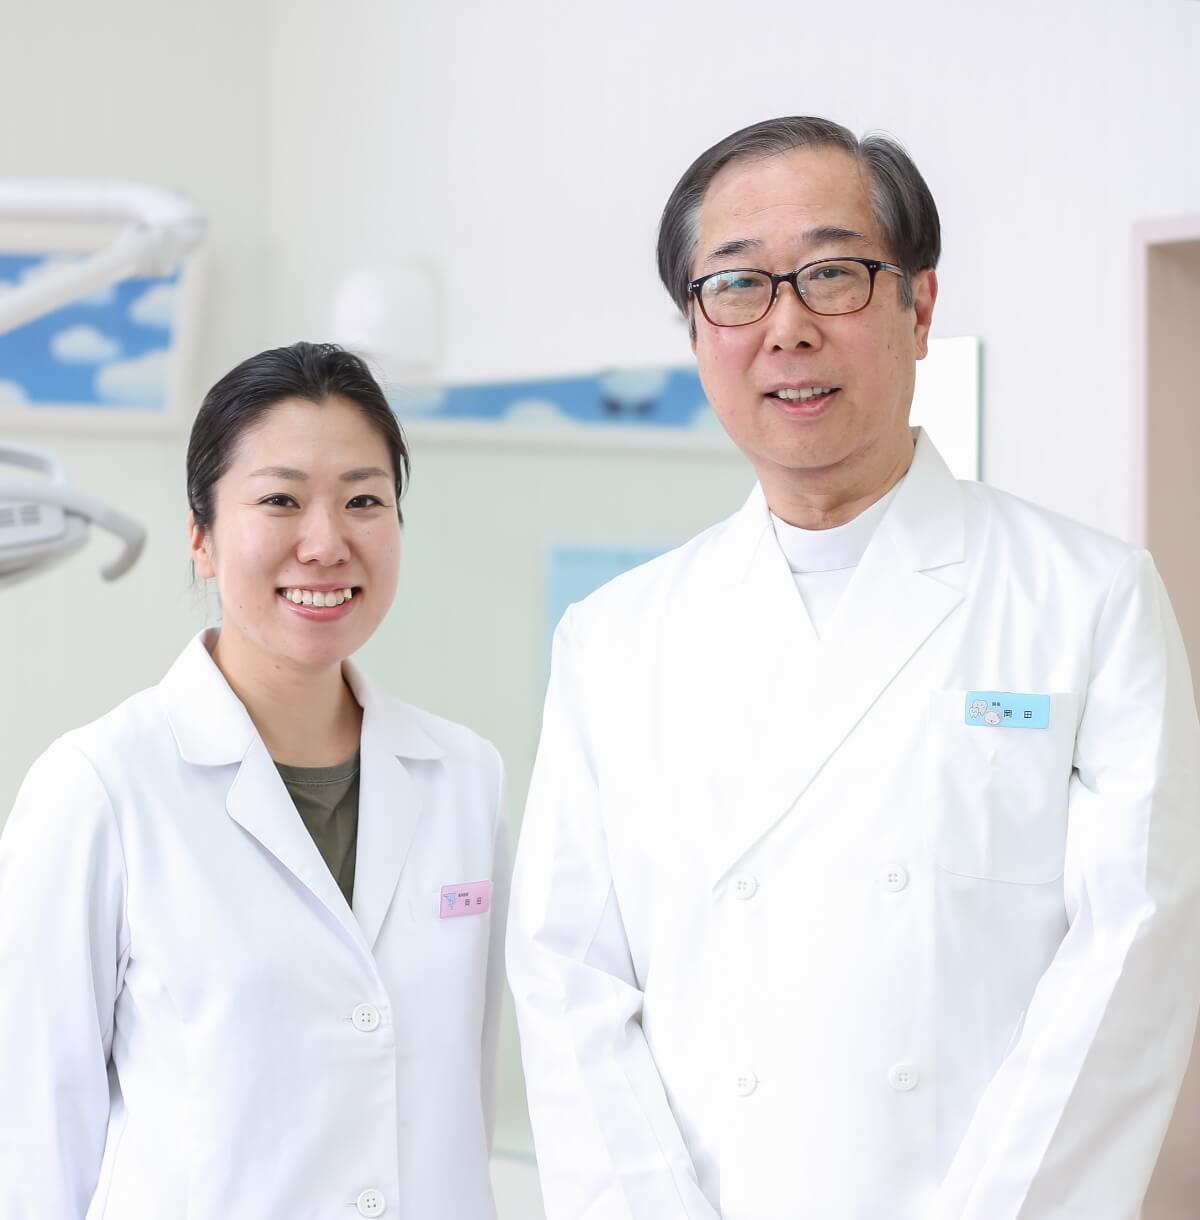 院長・歯科医師の写真